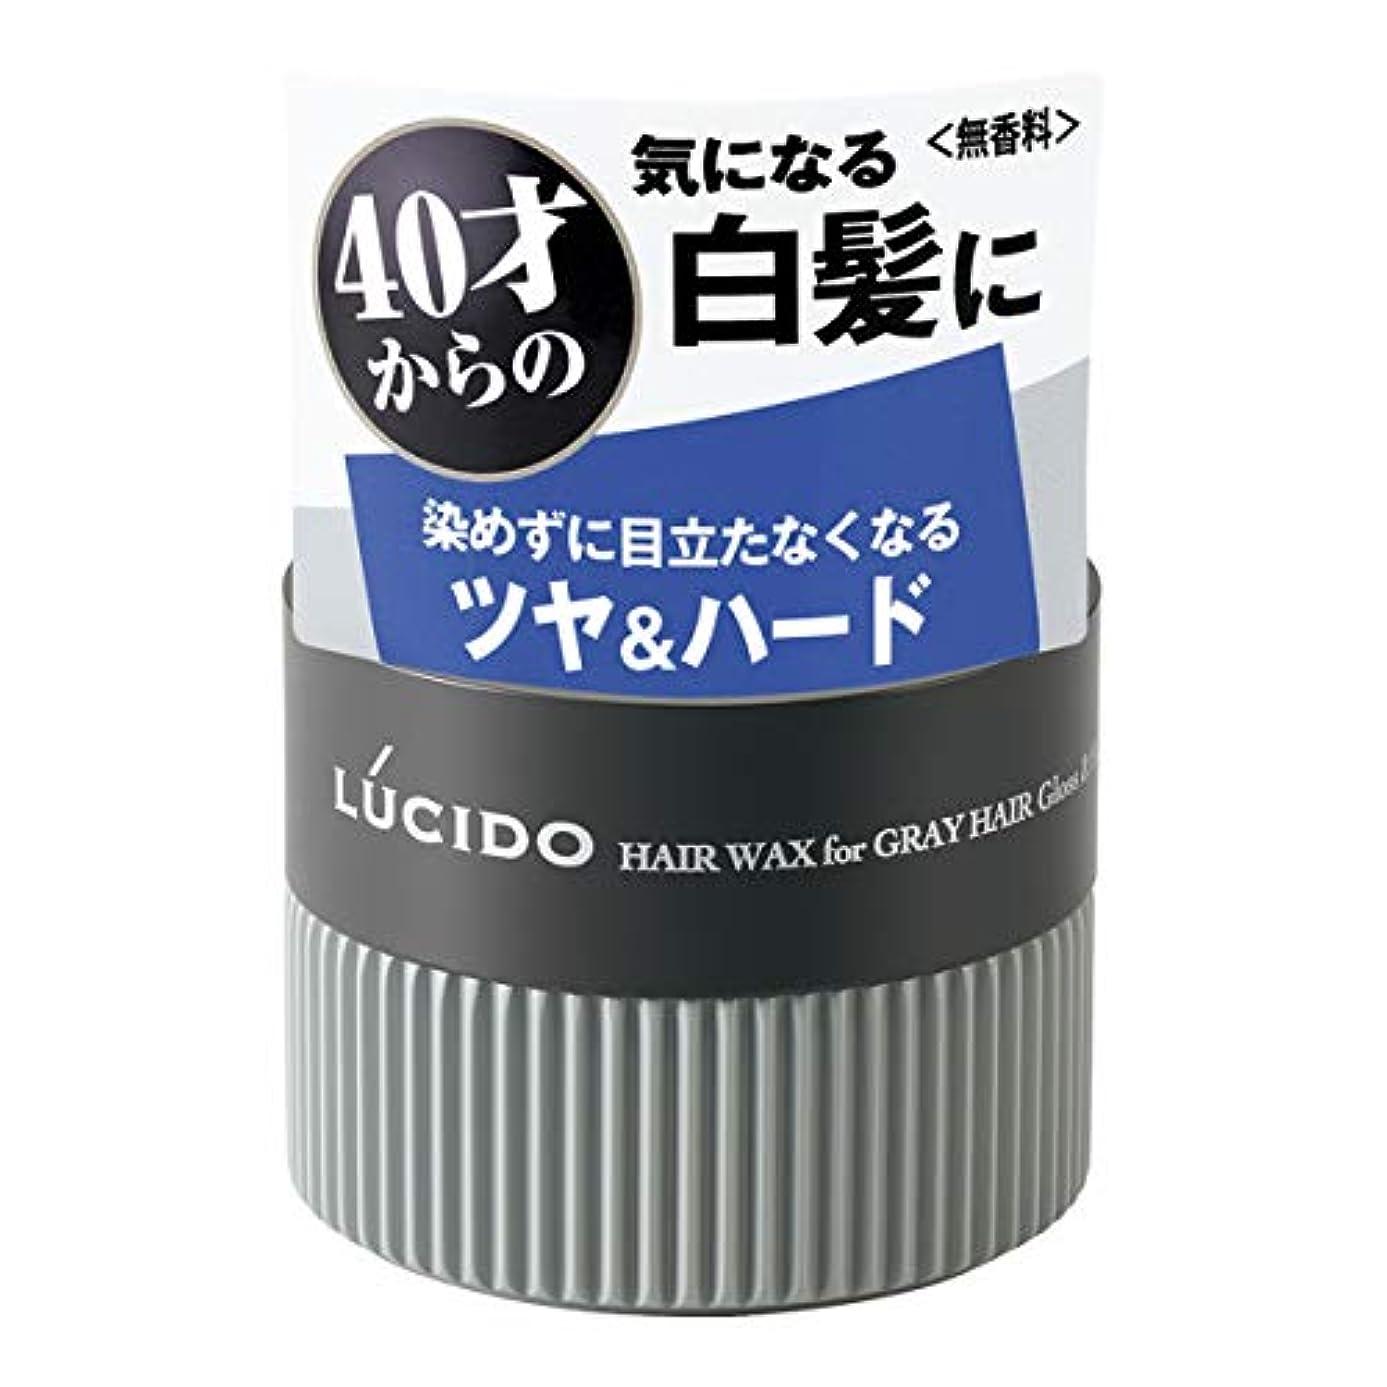 の間に真実に些細なLUCIDO(ルシード) ヘアワックス 白髪用ワックス グロス&ハード 80g